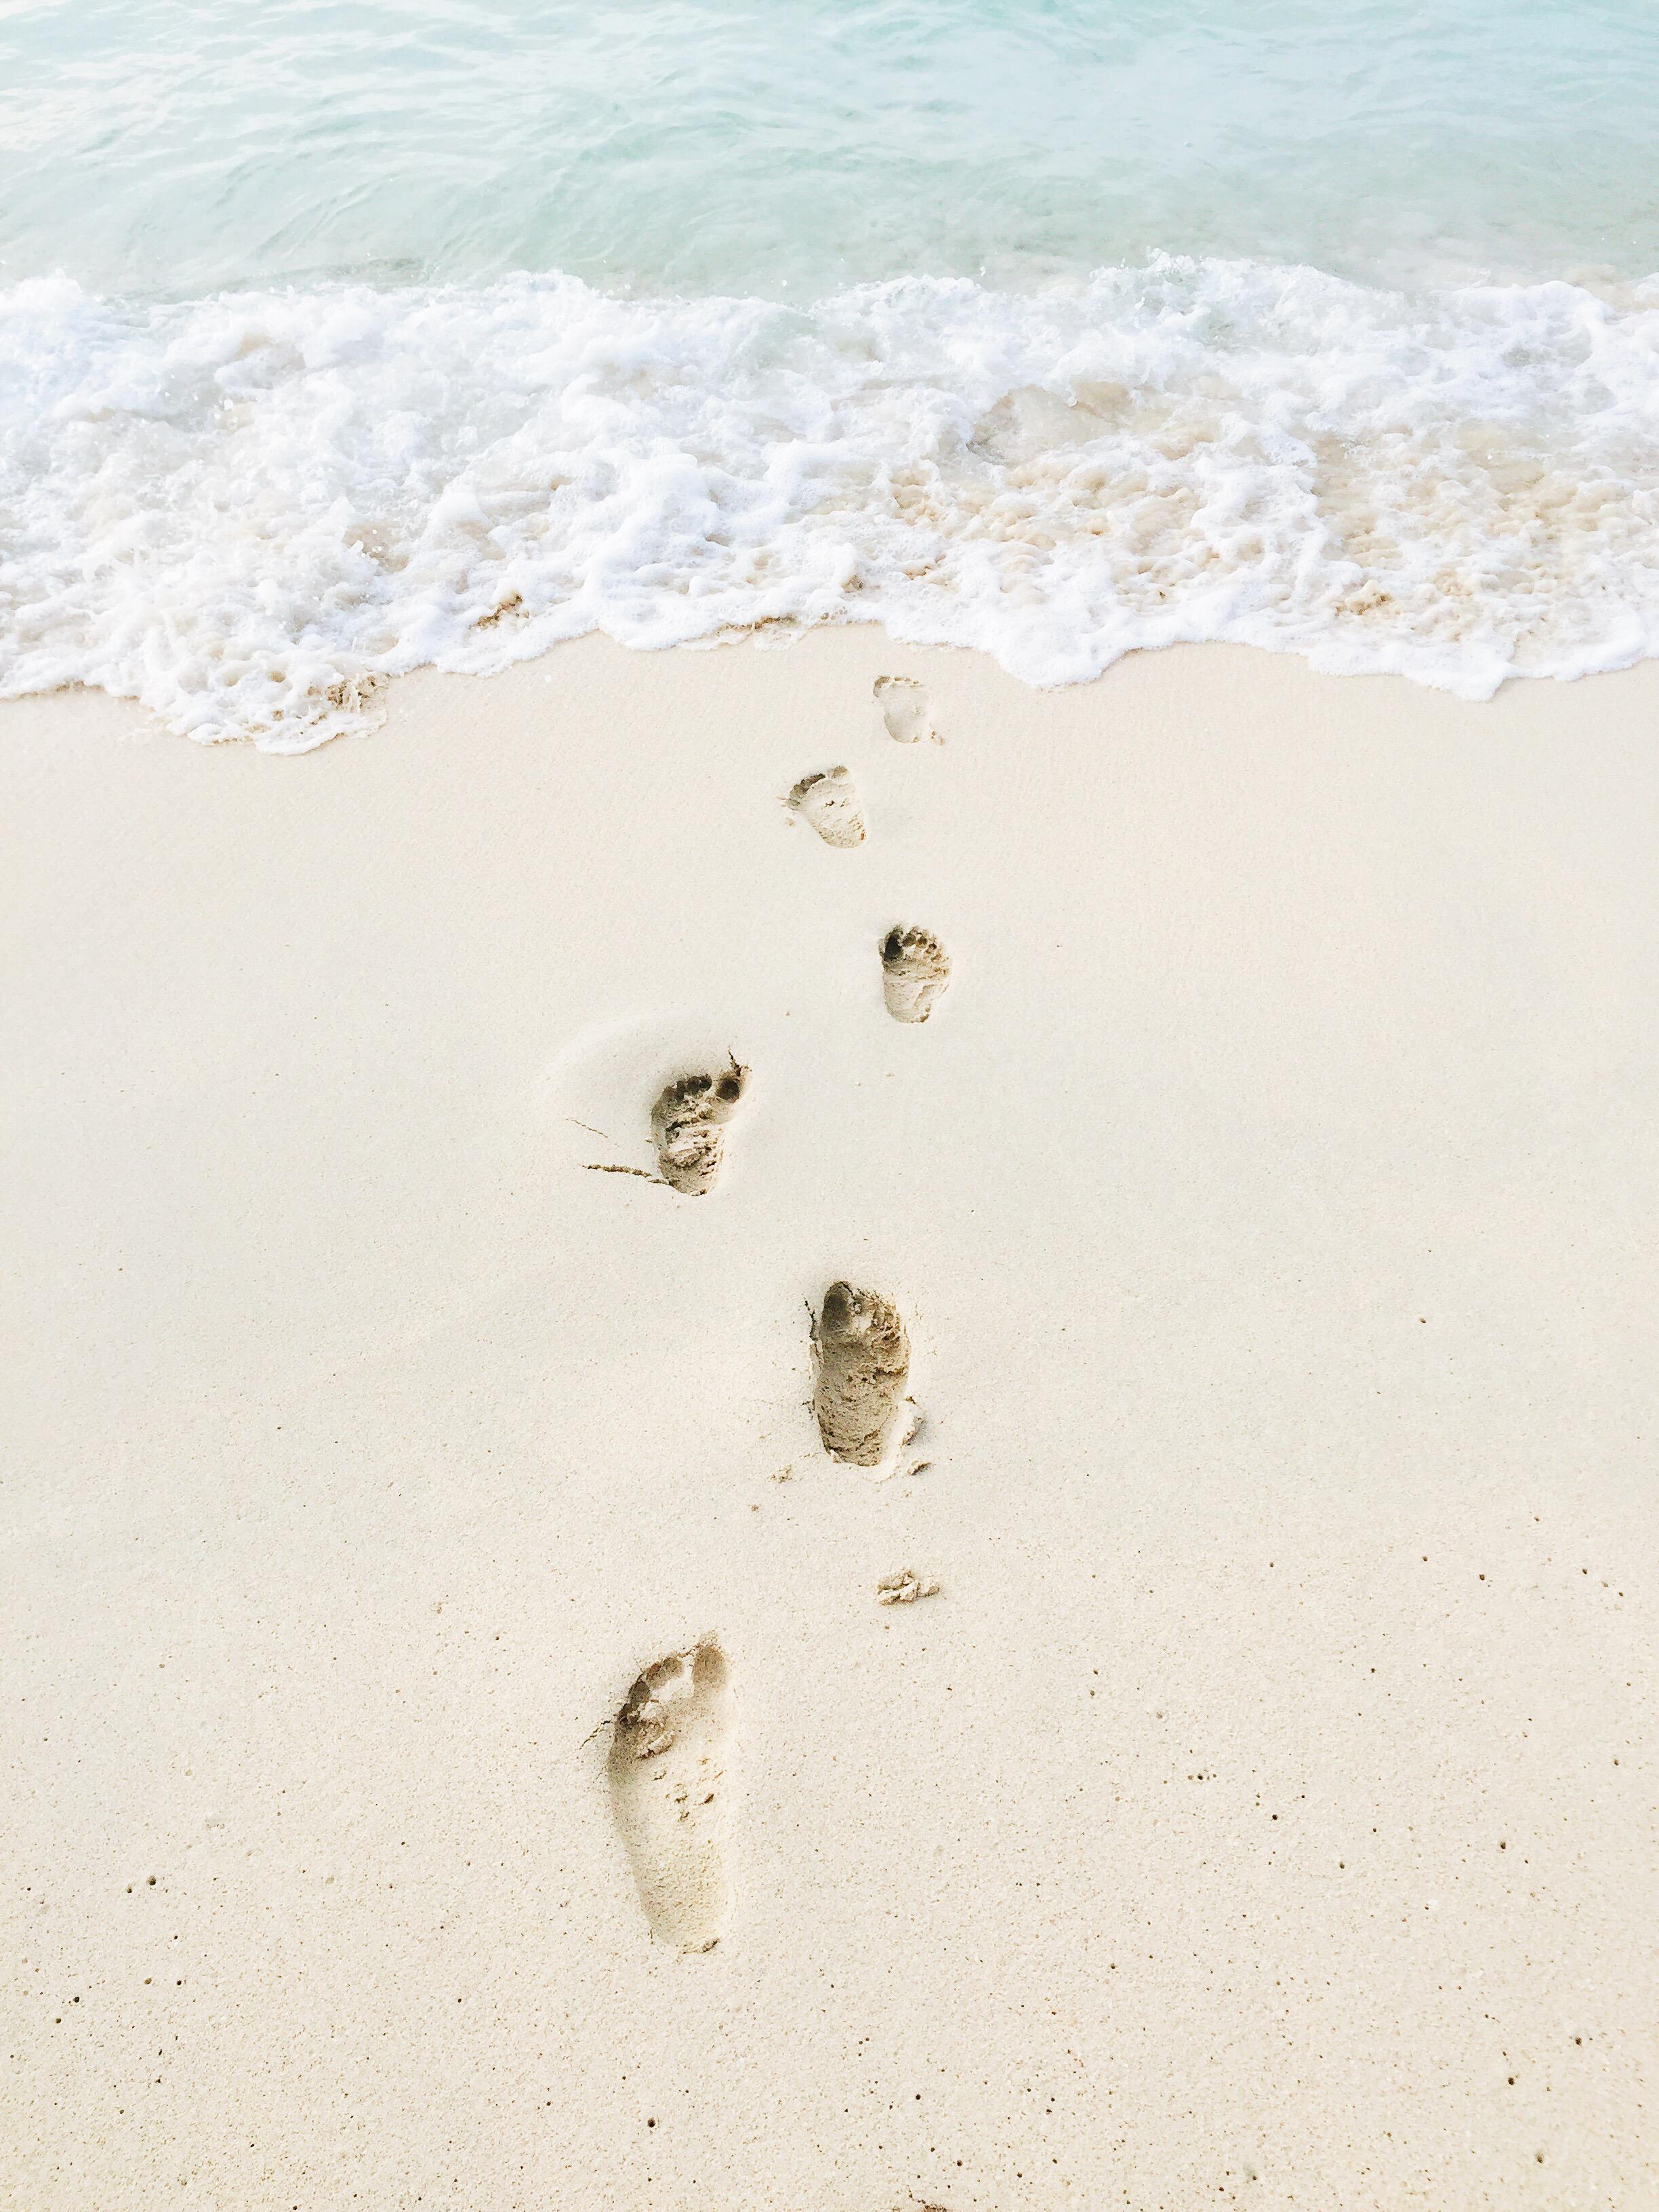 Beach Inspo | Dream Vacation | Hawaii Dreamin' | Photography Inspiration | Photo Inspo | Footprints in the Sand | via @elanaloo on Instagram + elanaloo.com